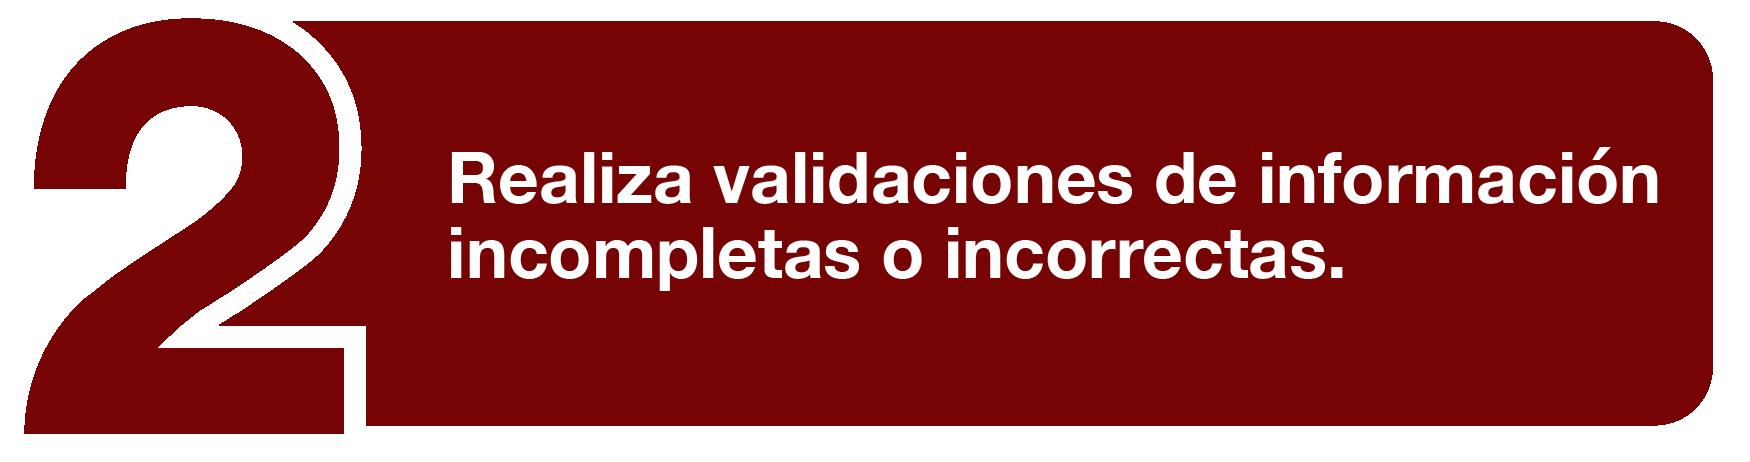 Realizan validaciones de información incompletas o incorrectas